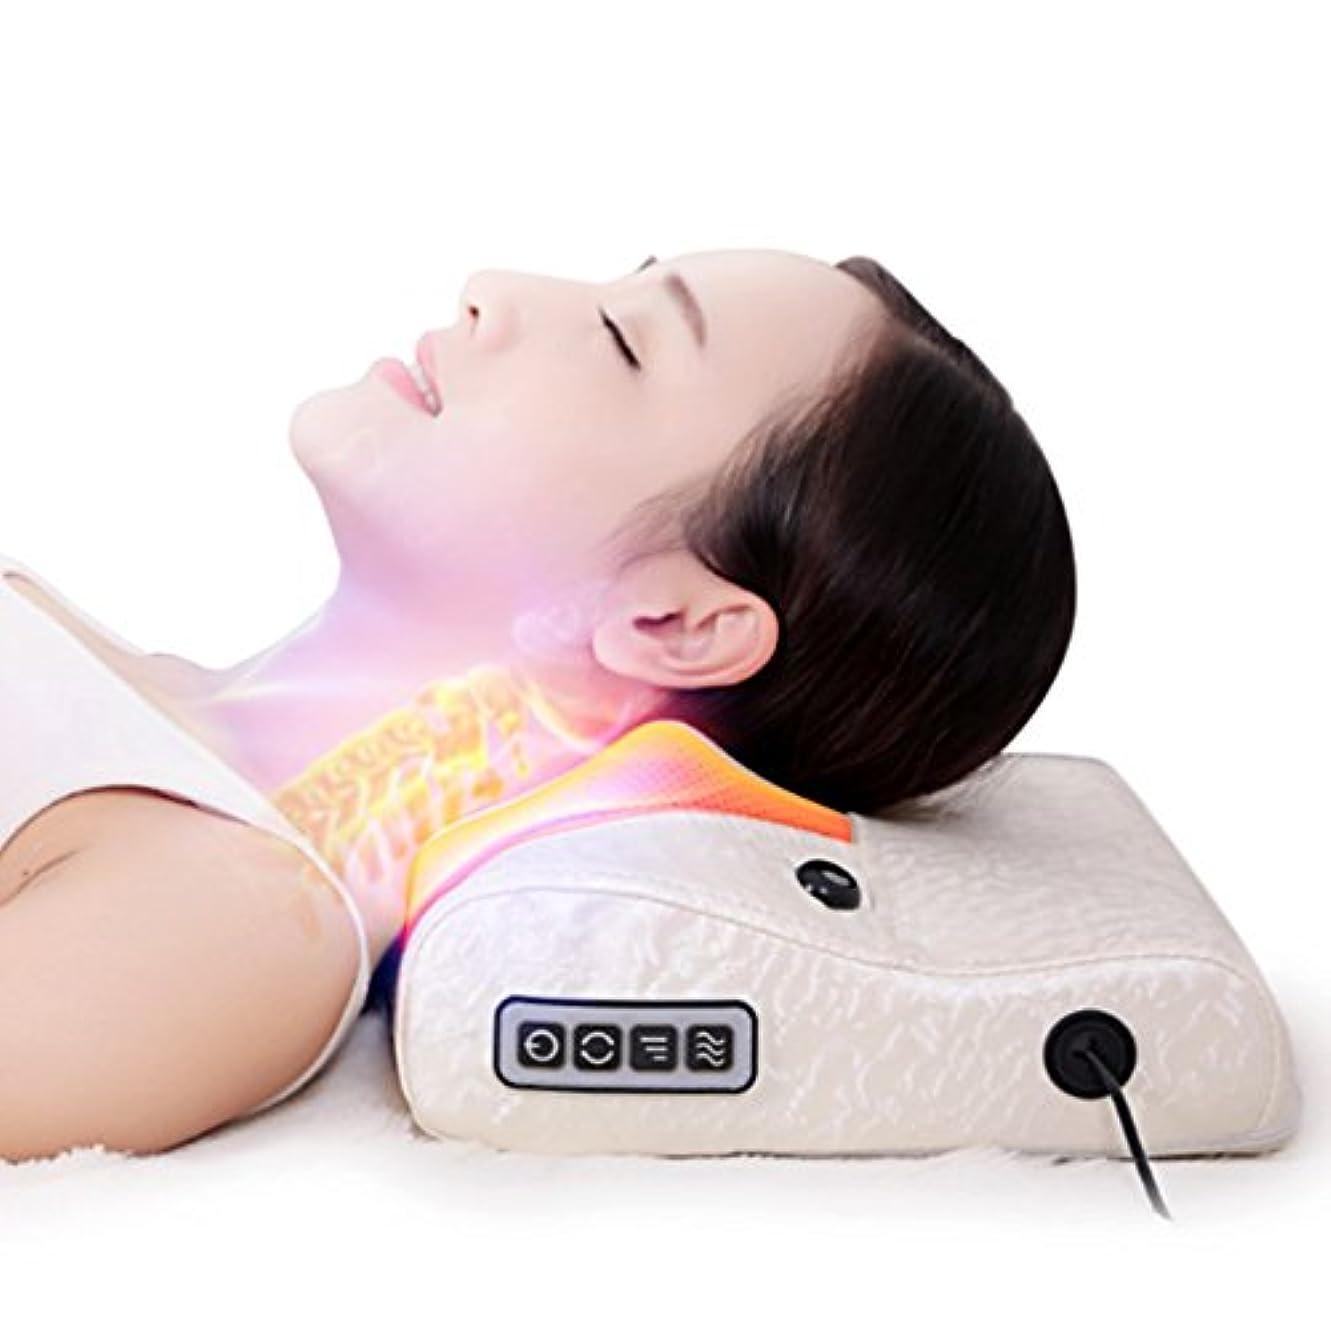 宙返りストラップ絶え間ない【LeaTherBack】家庭用電気マッサージ頚椎マッサージャーこね枕首肩多機能保健介護頚枕 マッサージイ